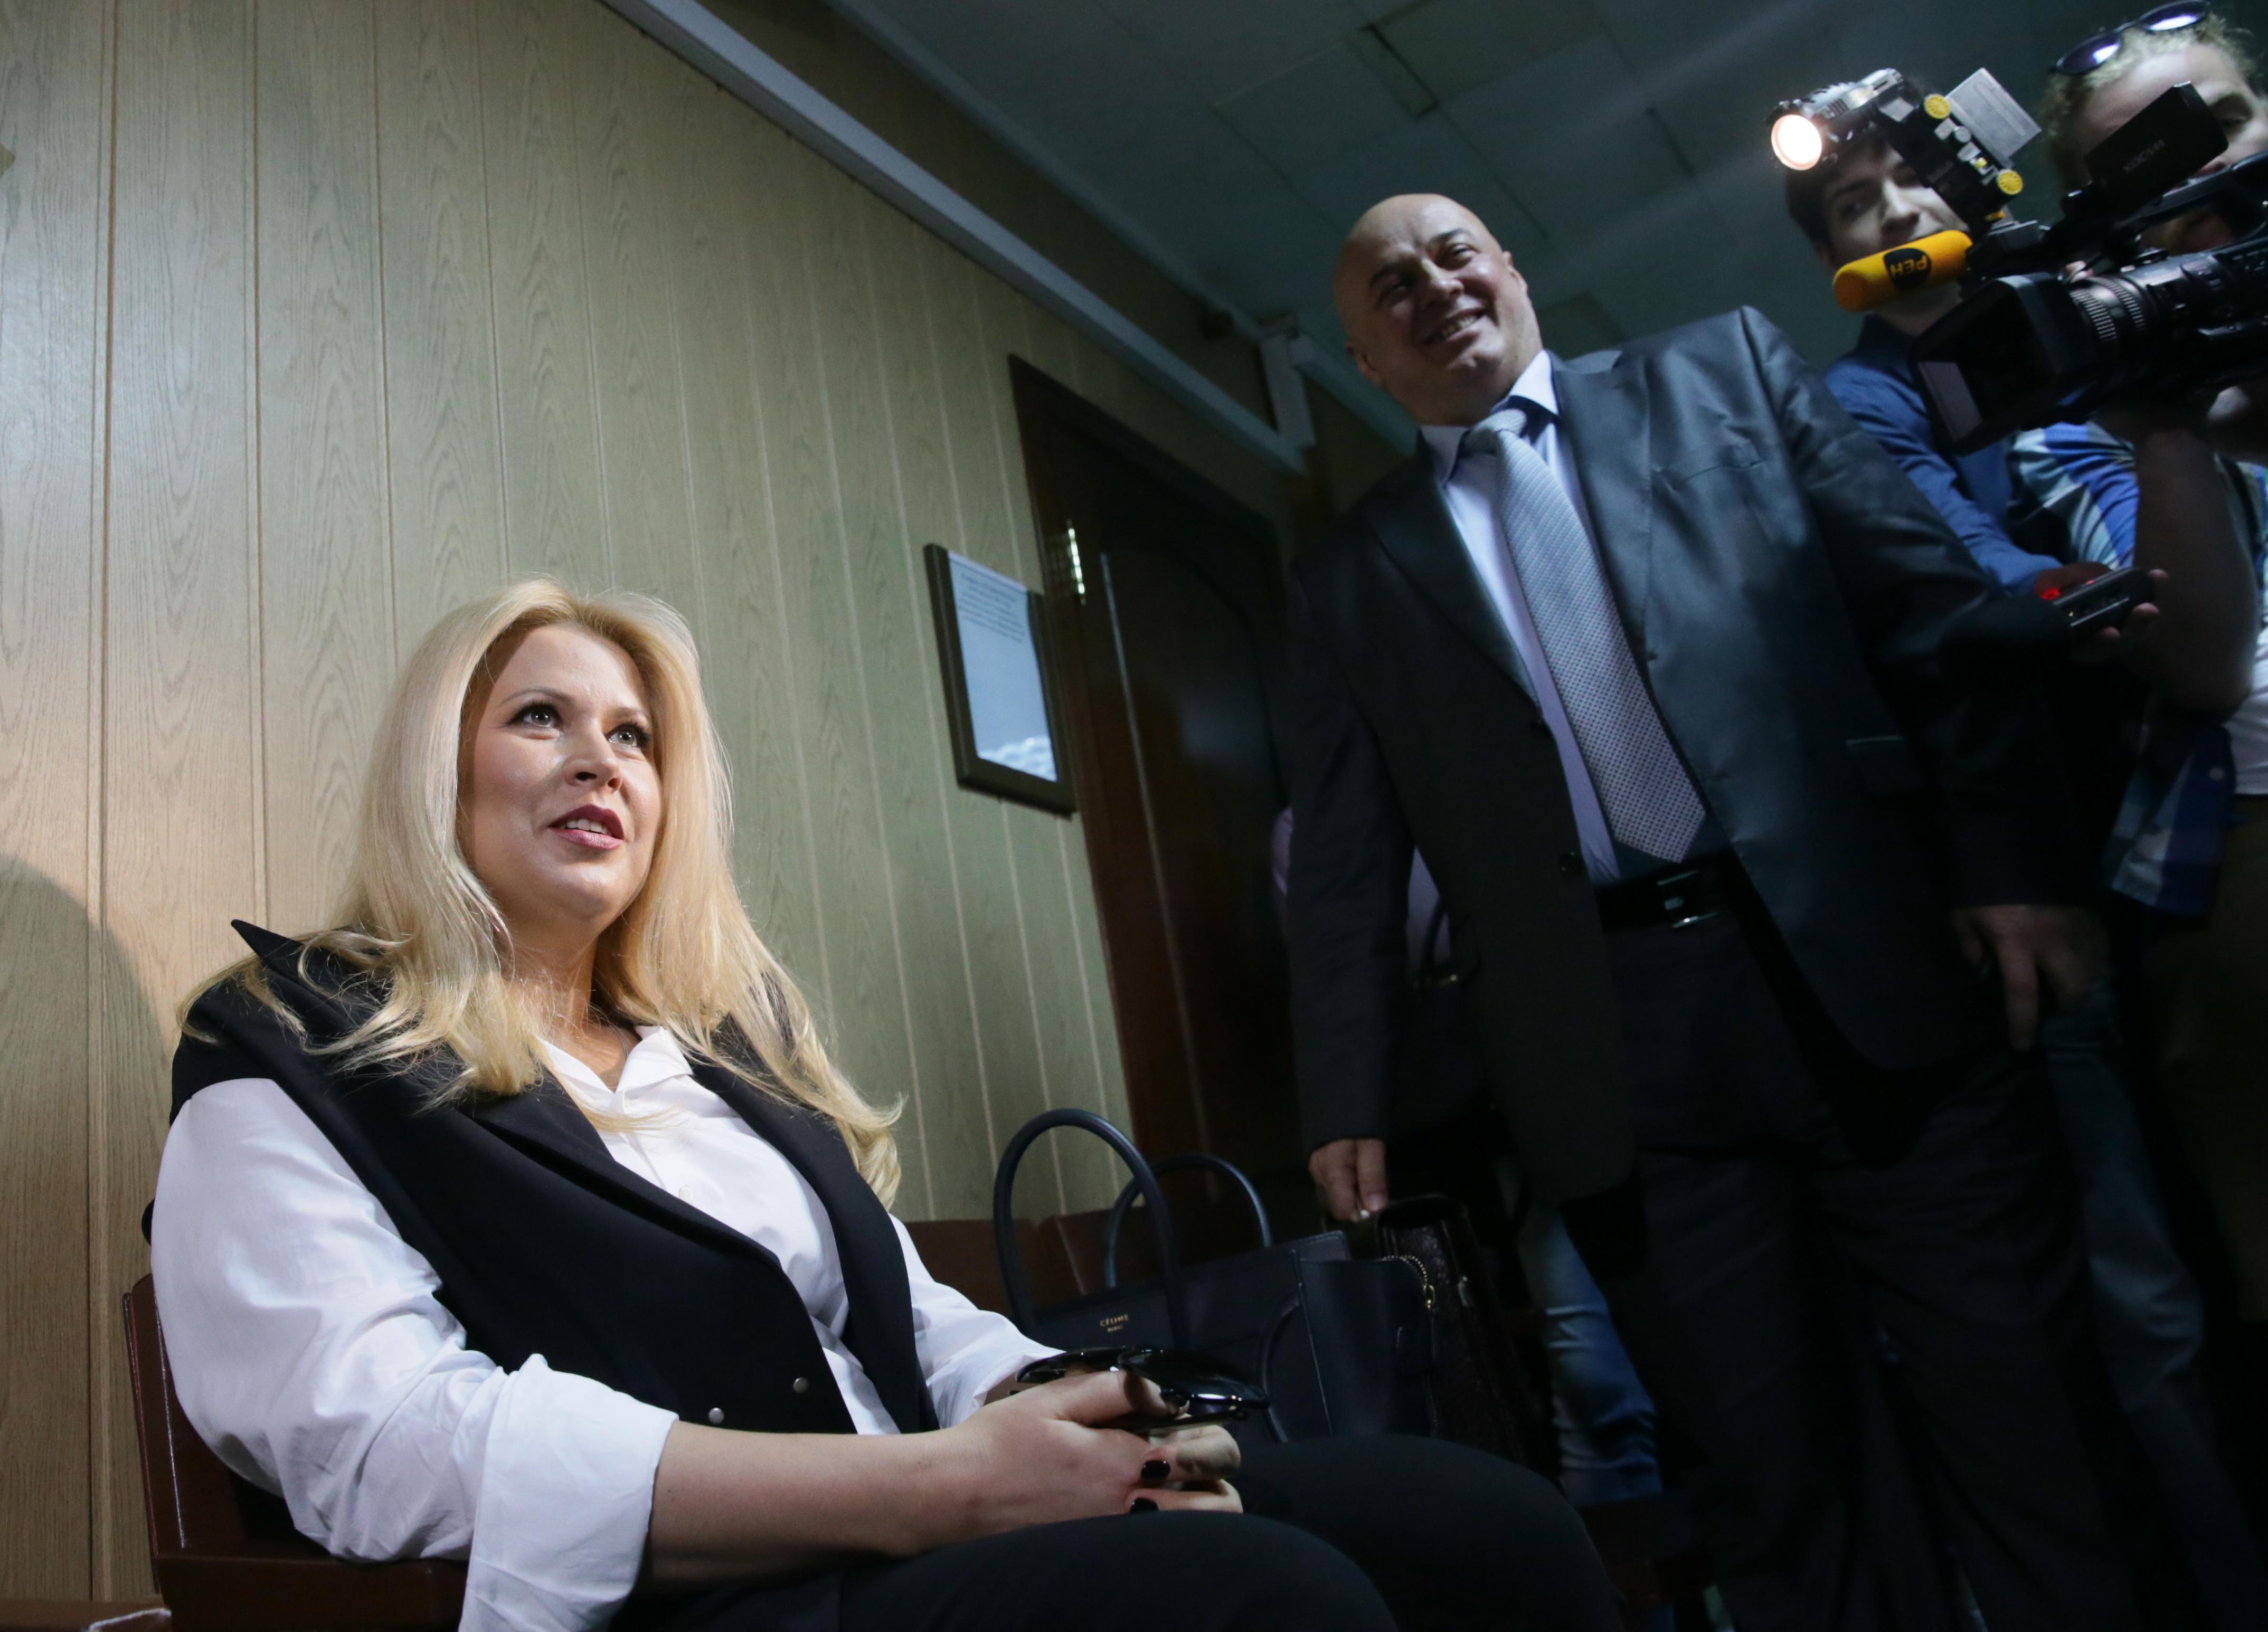 """Евгения Васильева, обвиняемая по делу """"Оборонсервиса"""" в зале суда"""